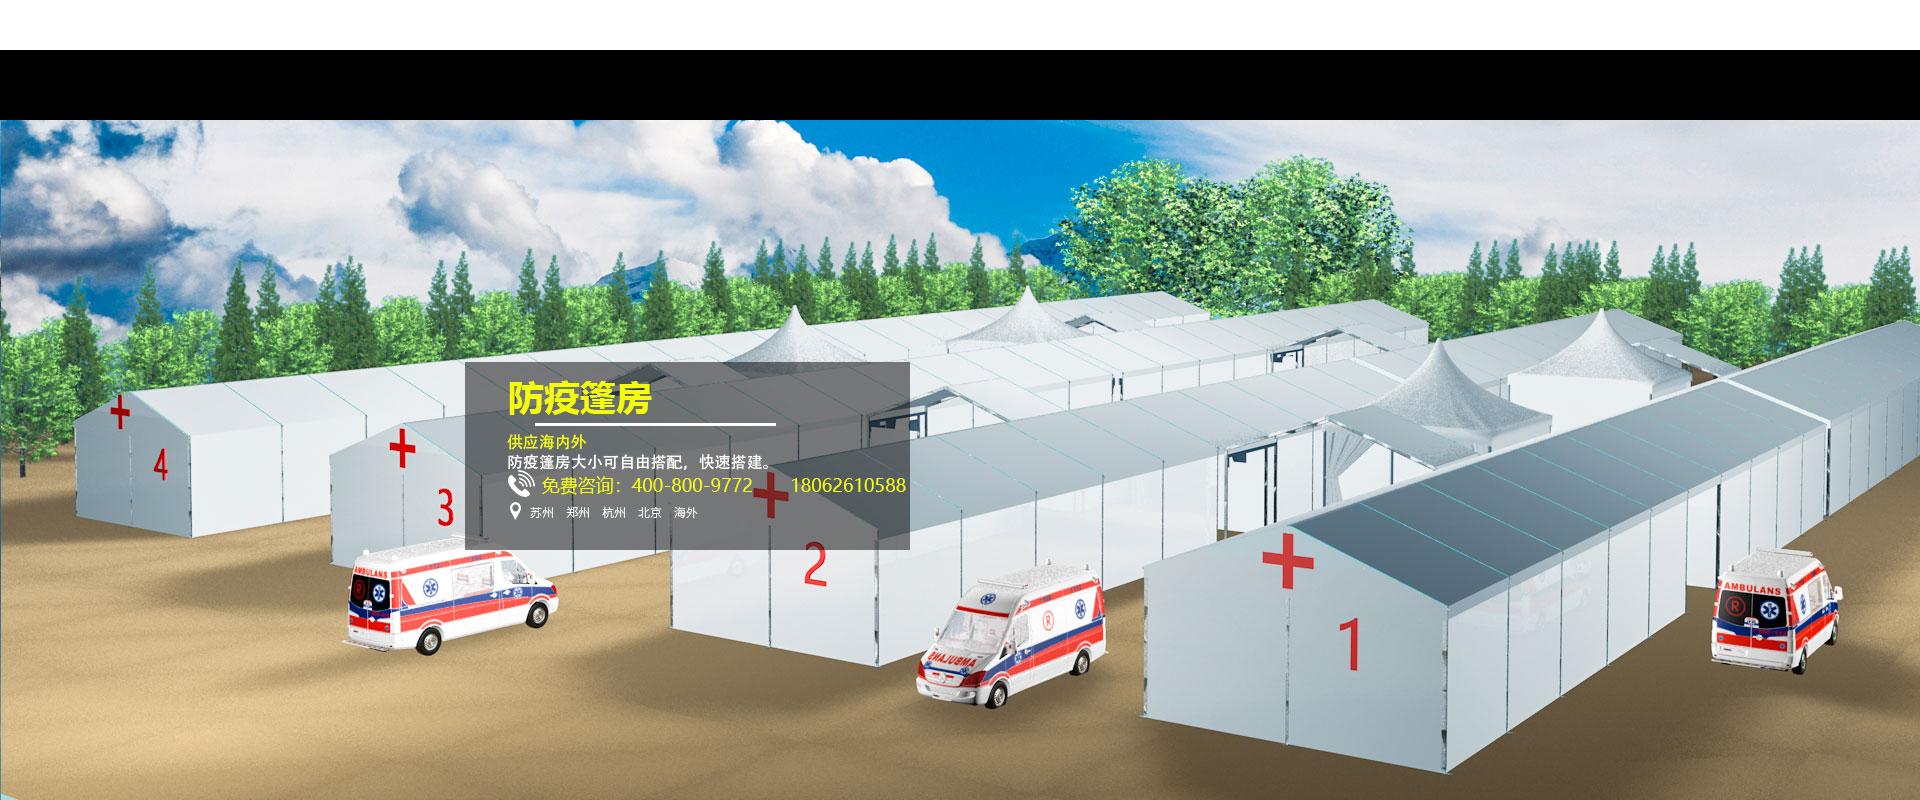 防疫篷房威斯伯特鋁合金PVC檢疫棚房